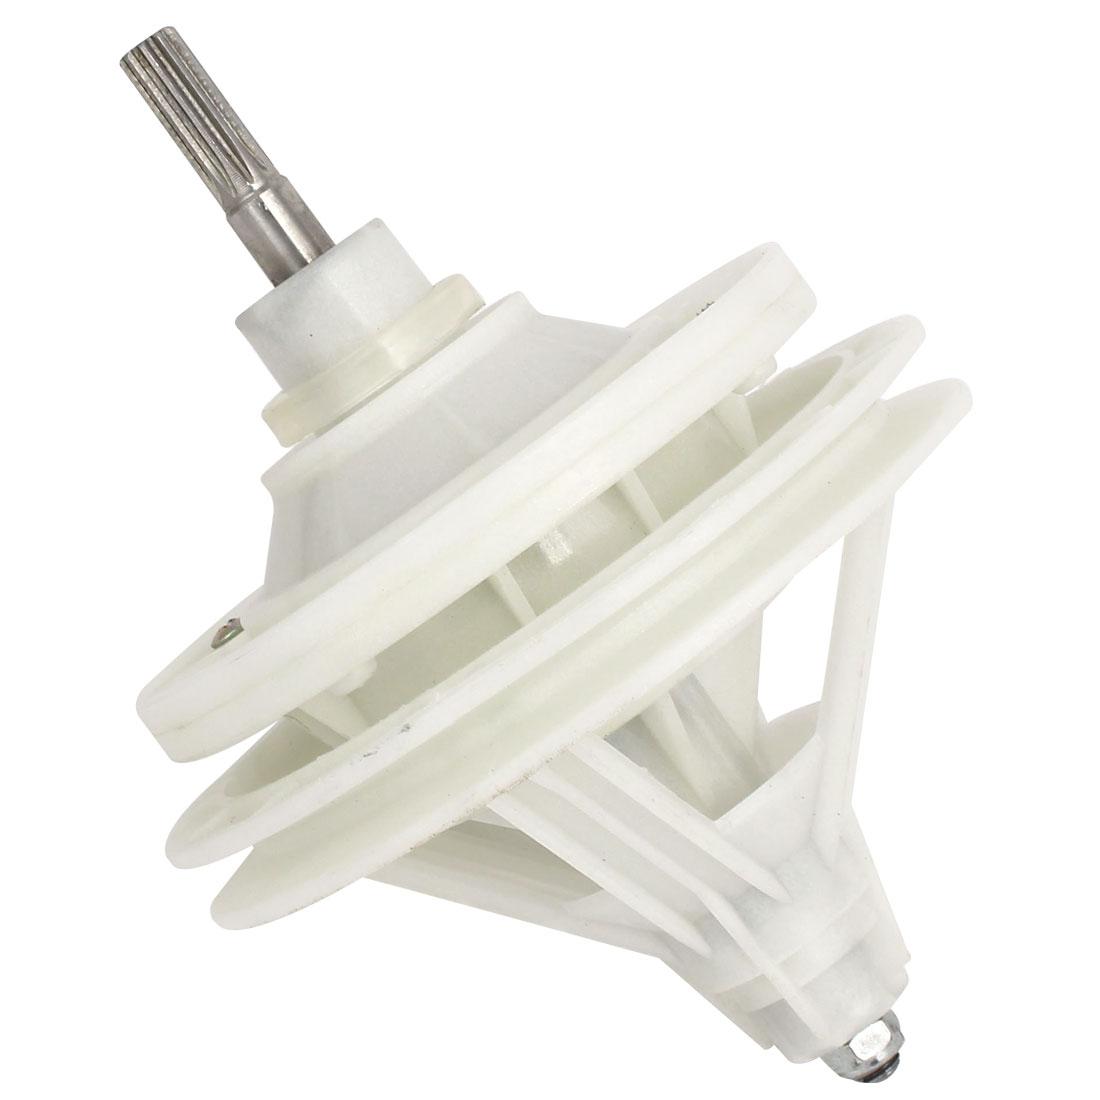 45mm Shaft Washing Machine Transmission 10 Splines Shaft 4 Hole Base 147mmx205mm